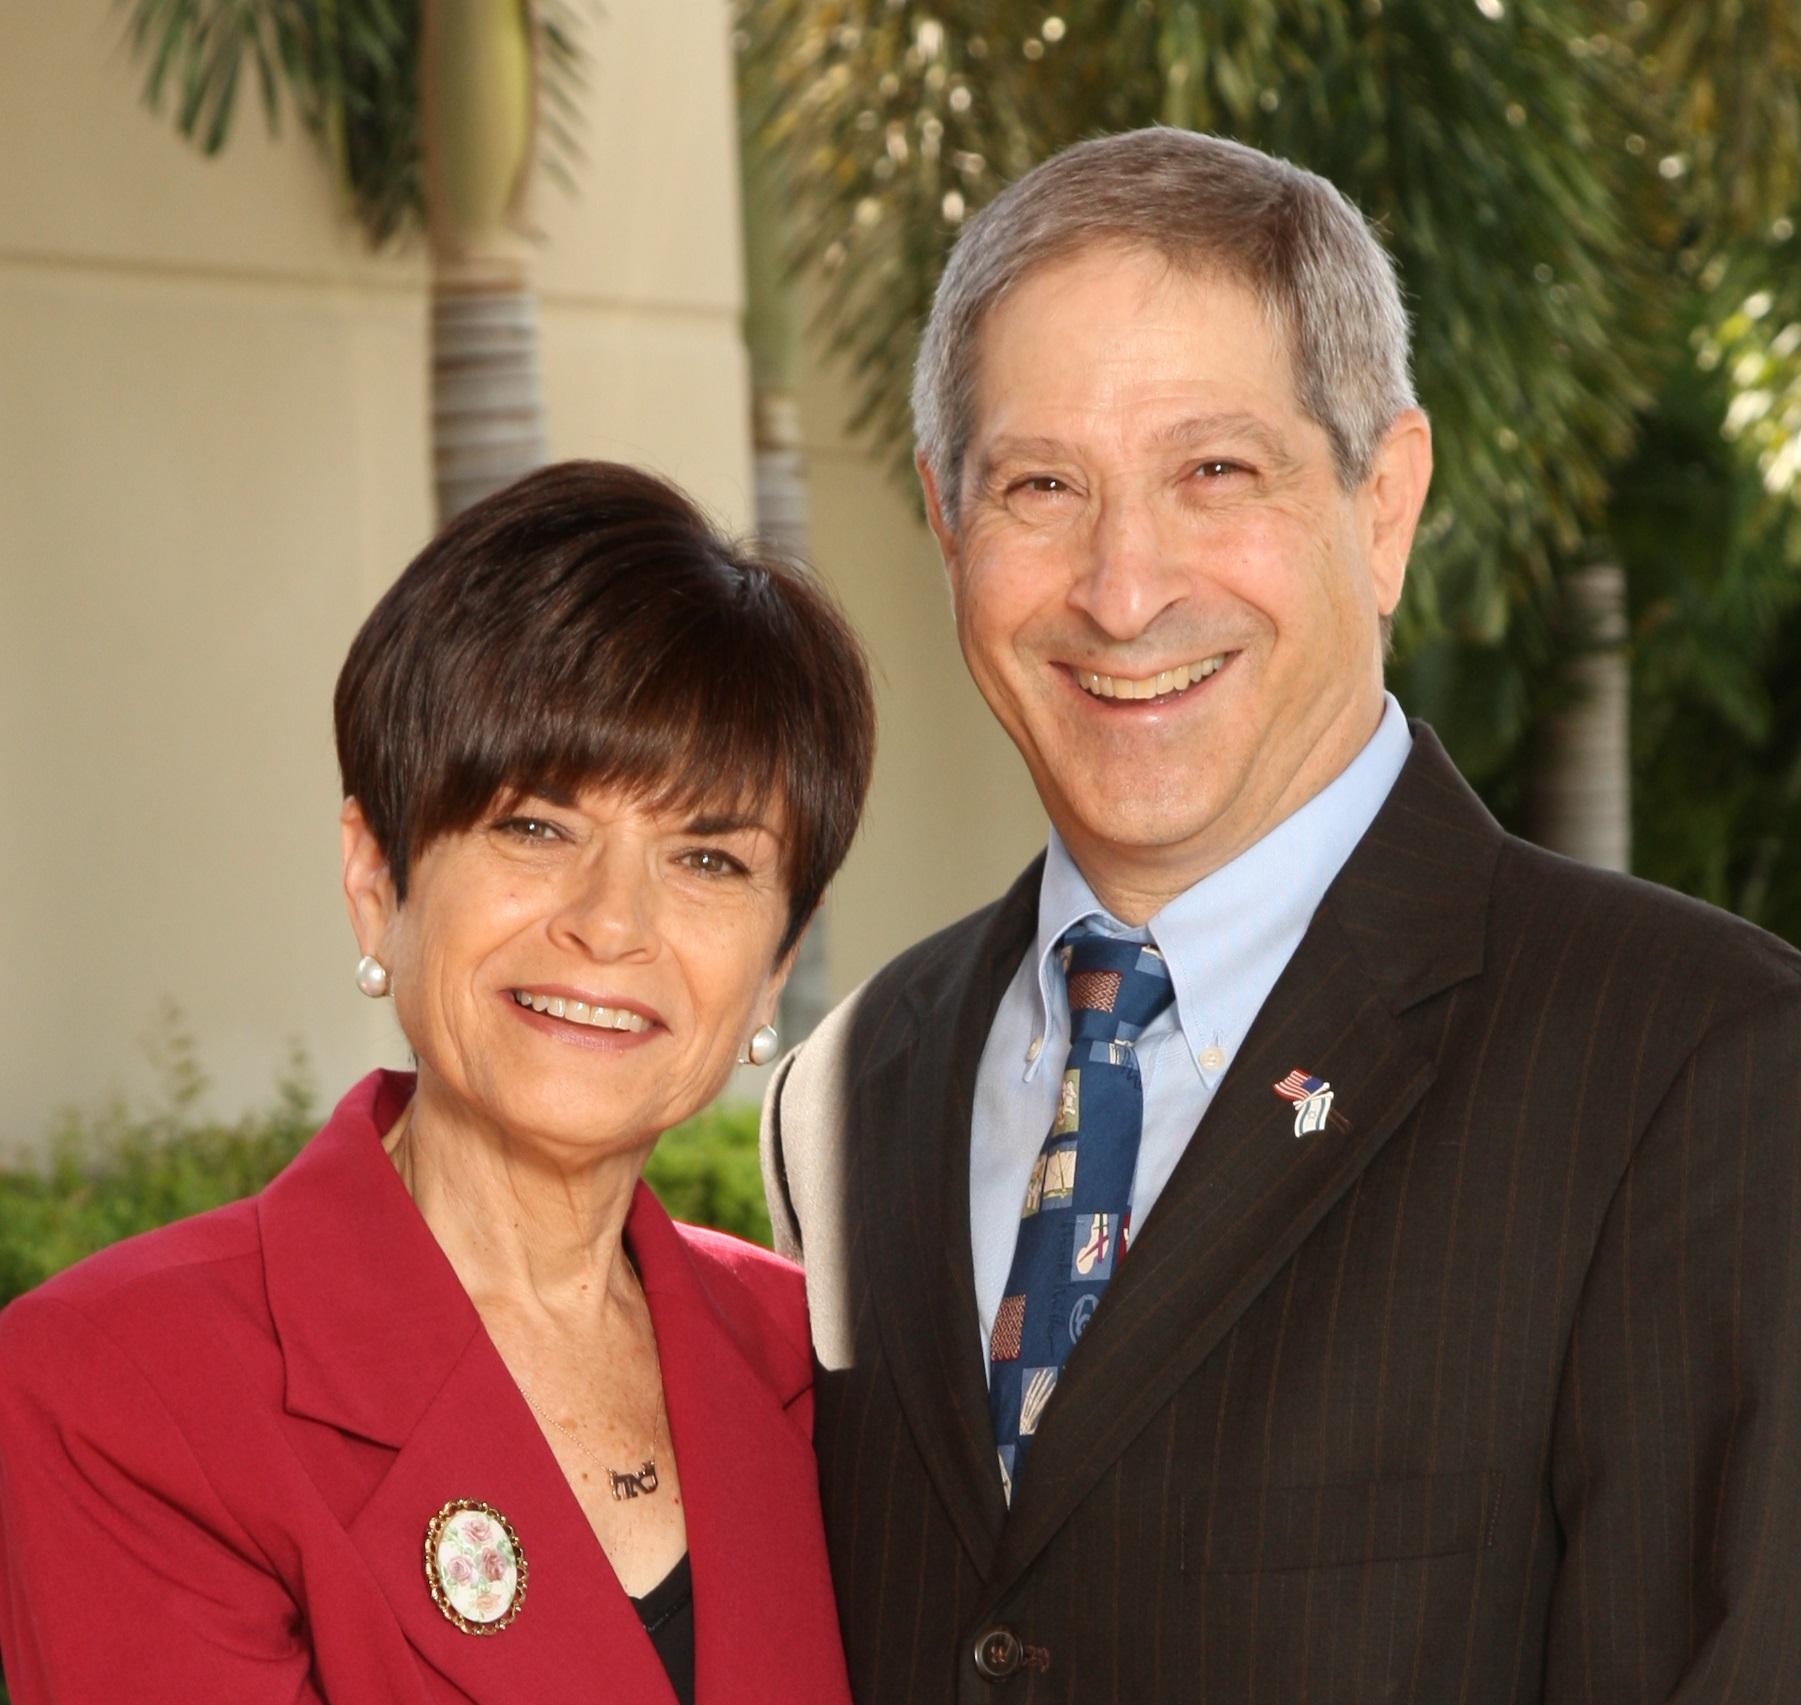 Dr. Robert & Lorelei Ennis Pic